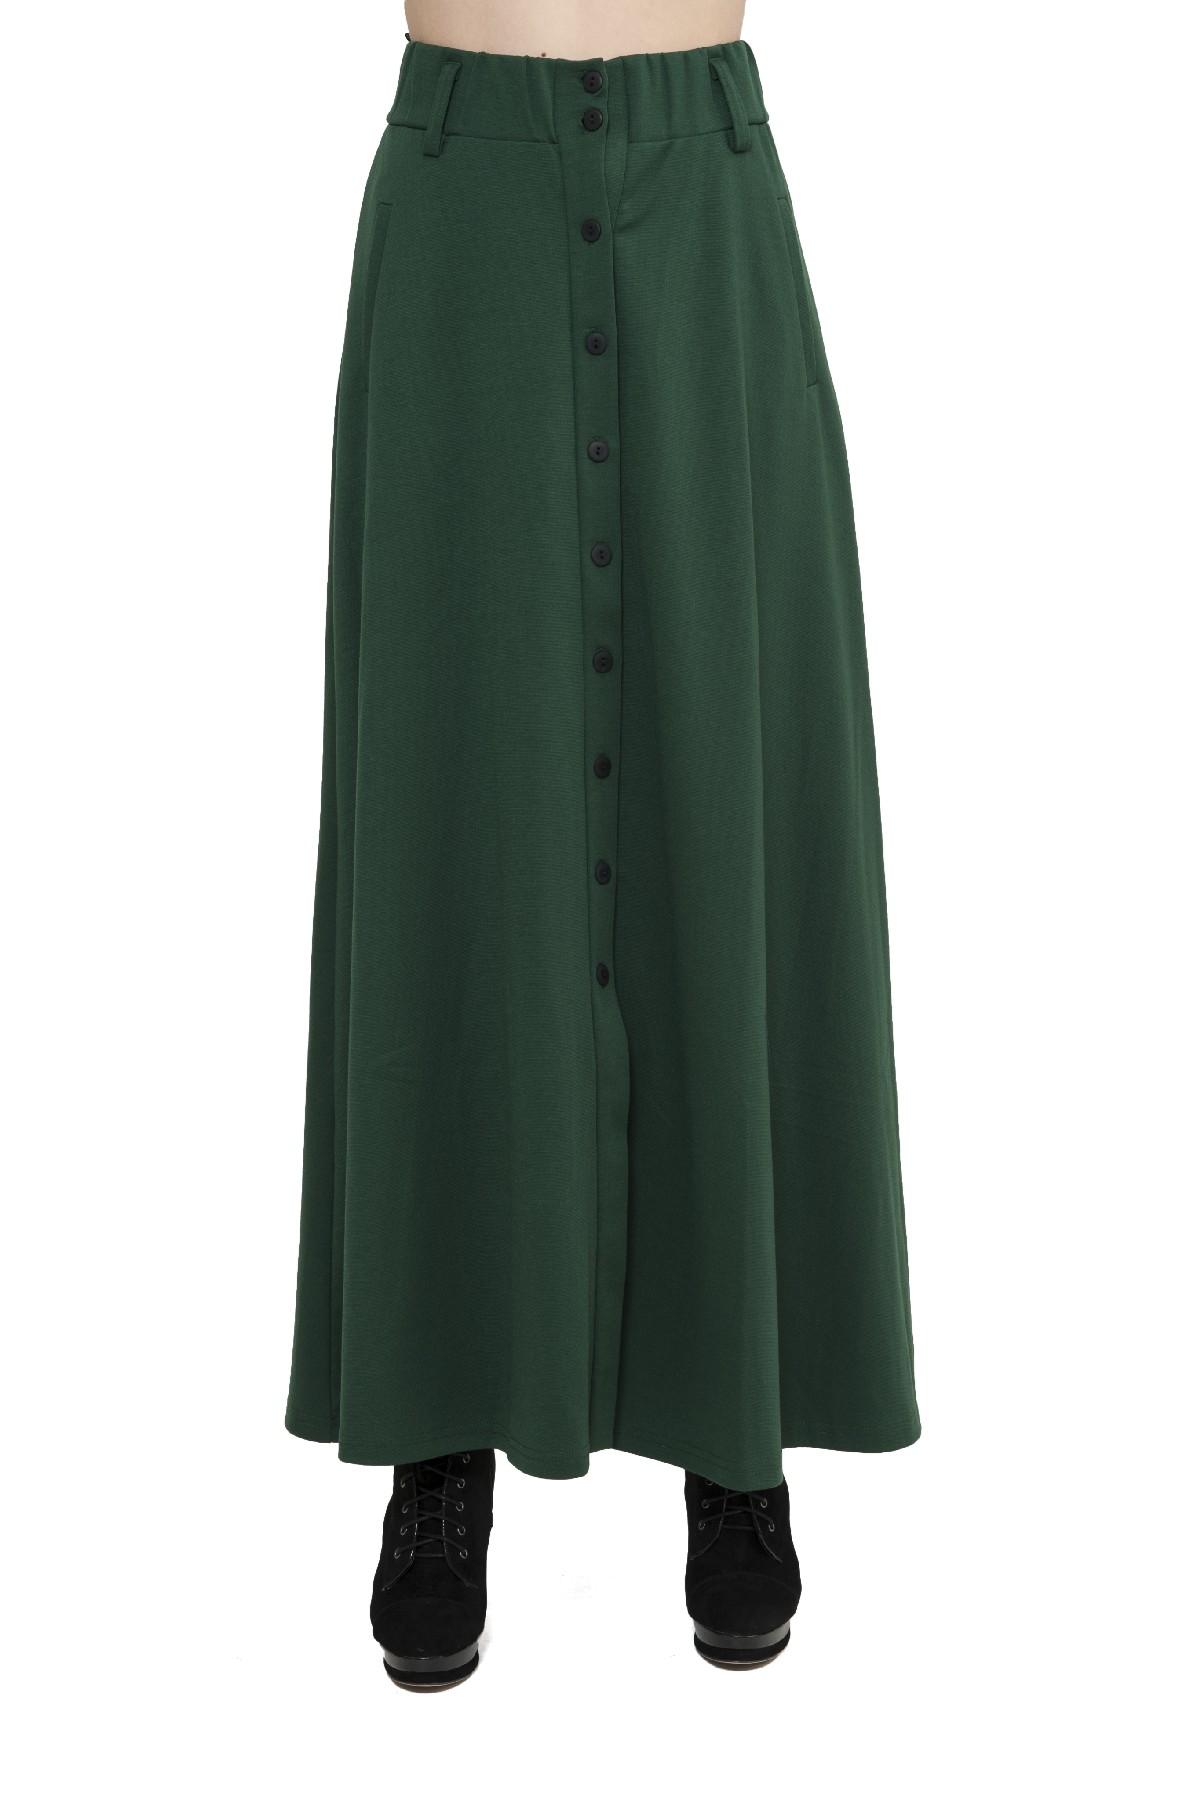 ЮбкаЖенские юбки и брюки<br>Стильная дизайнерская трикотажная юбка. Изделие привнесет в Ваш образ изысканную элегантность. Идеально подойдет как для повседневного, так и для вечернего гардероба.<br><br>Цвет: зеленый<br>Состав: 60% вискоза, 35% полиэстер, 5% лайкра<br>Размер: 40,42<br>Страна дизайна: Россия<br>Страна производства: Россия